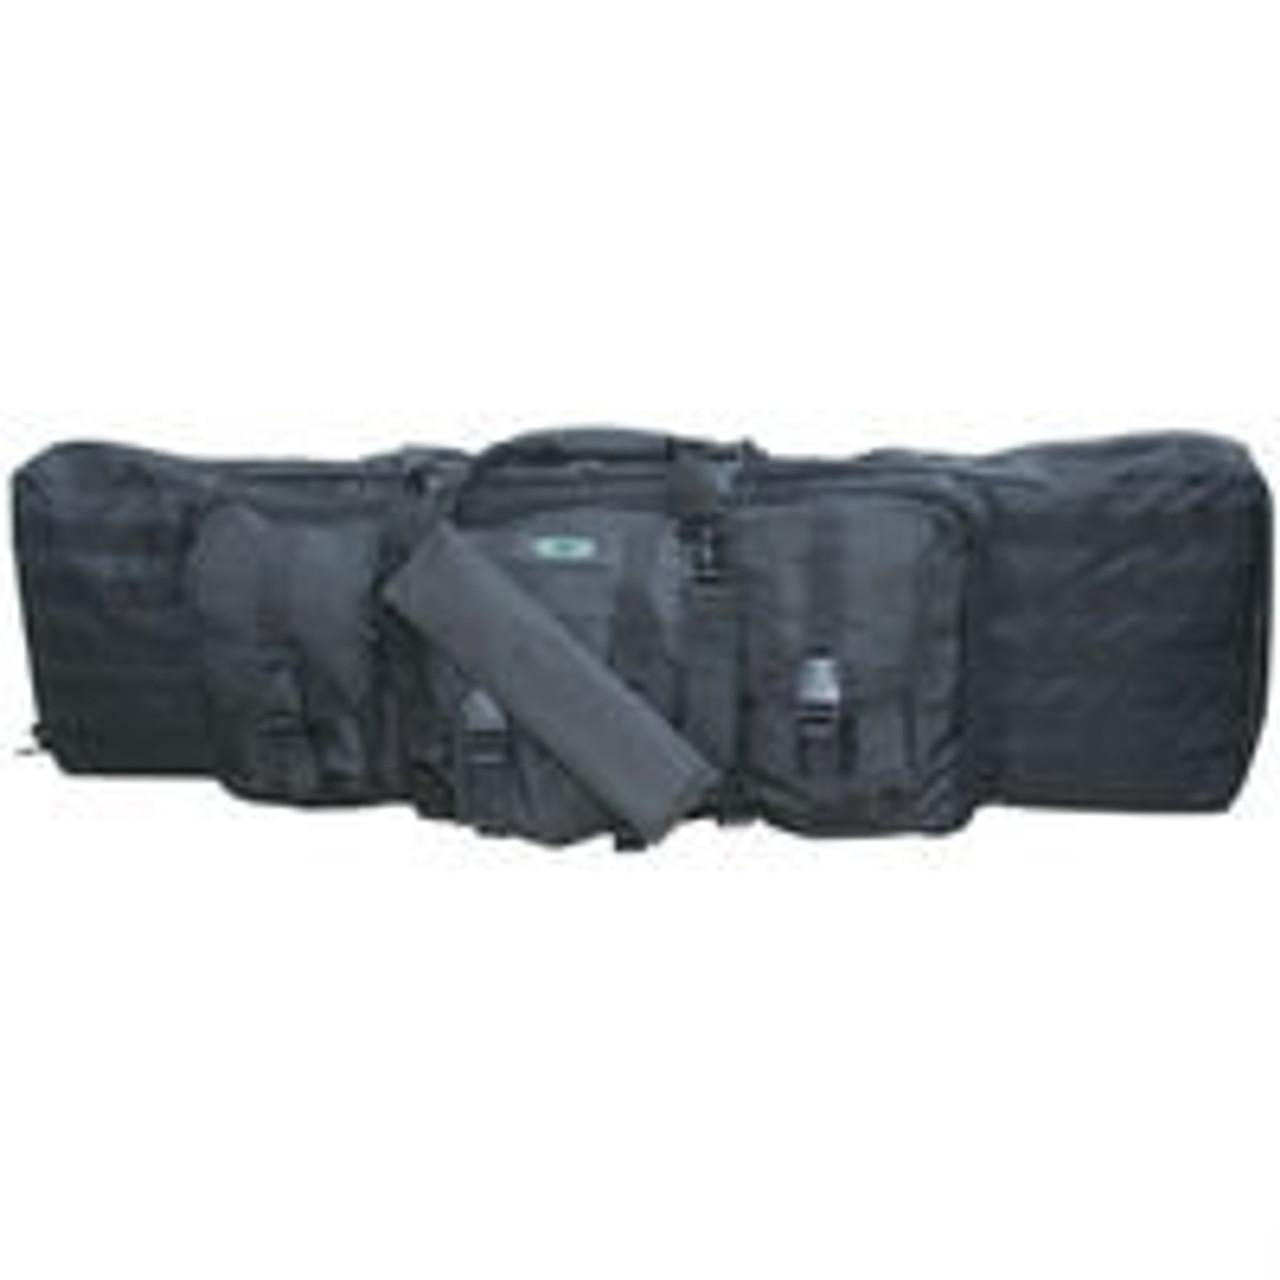 Gun Cases & Gear Bags